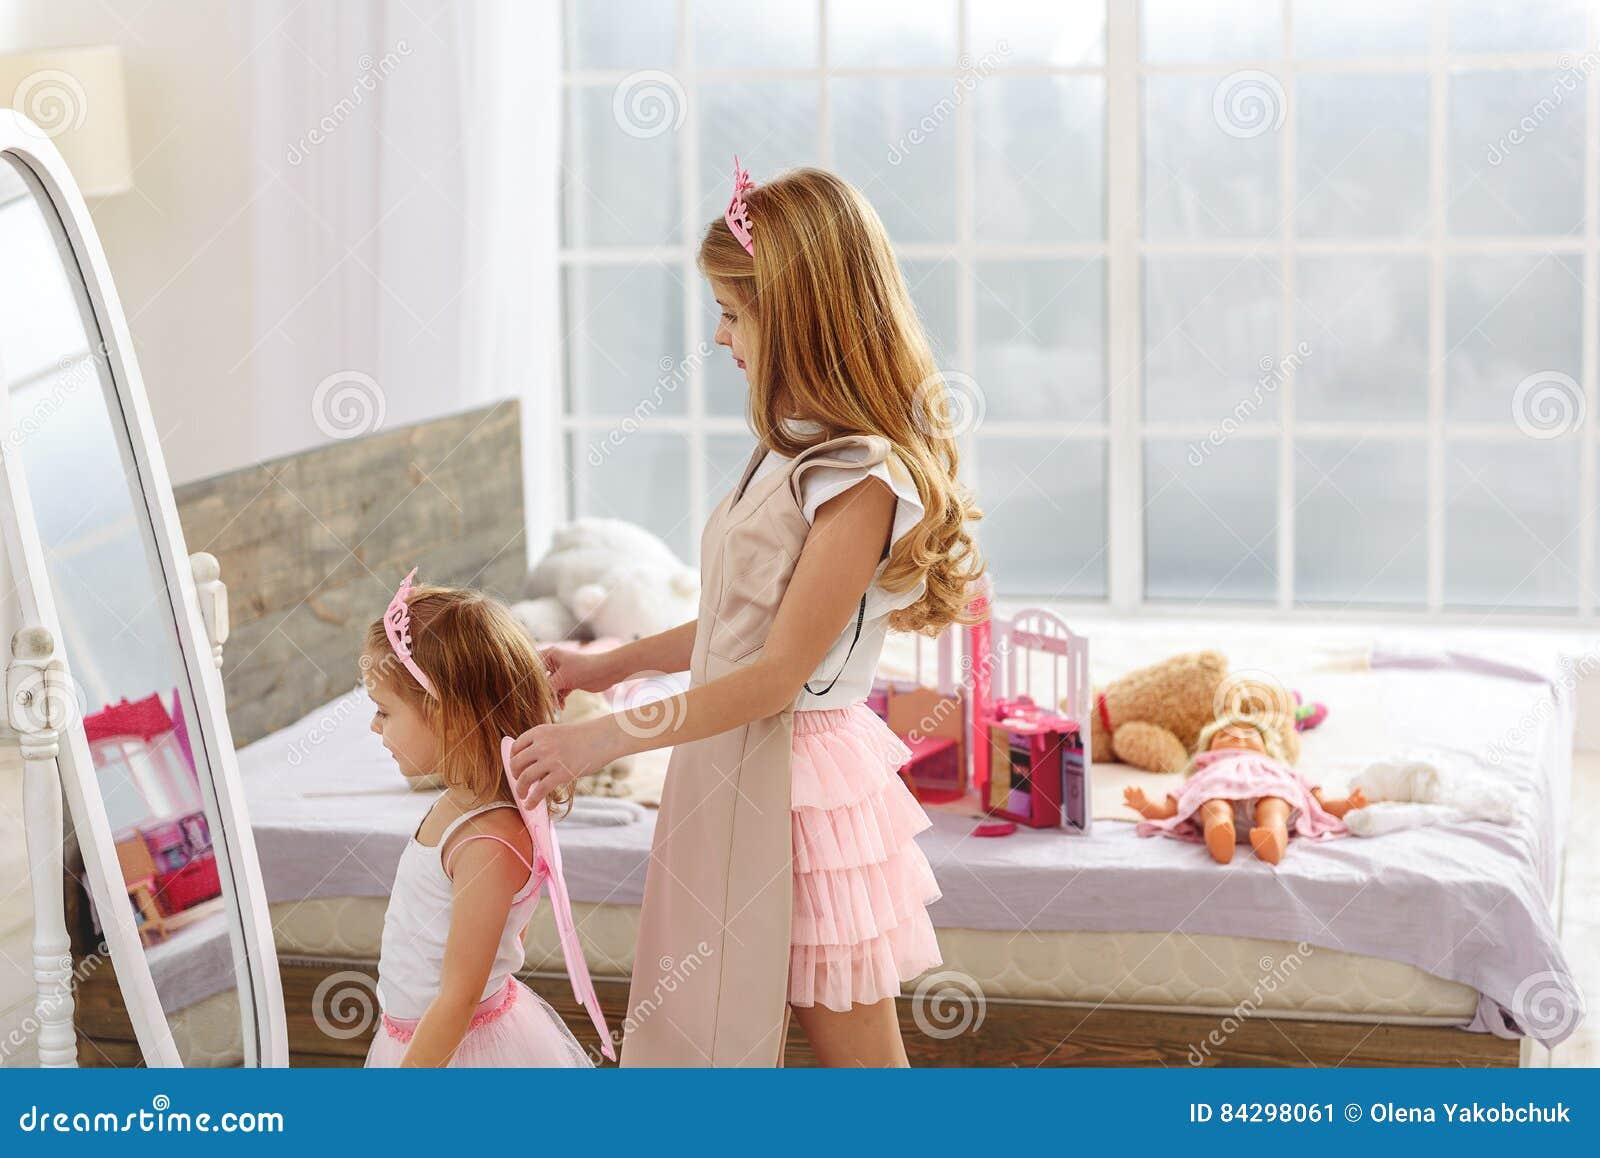 Meine kleine Schwester spielen